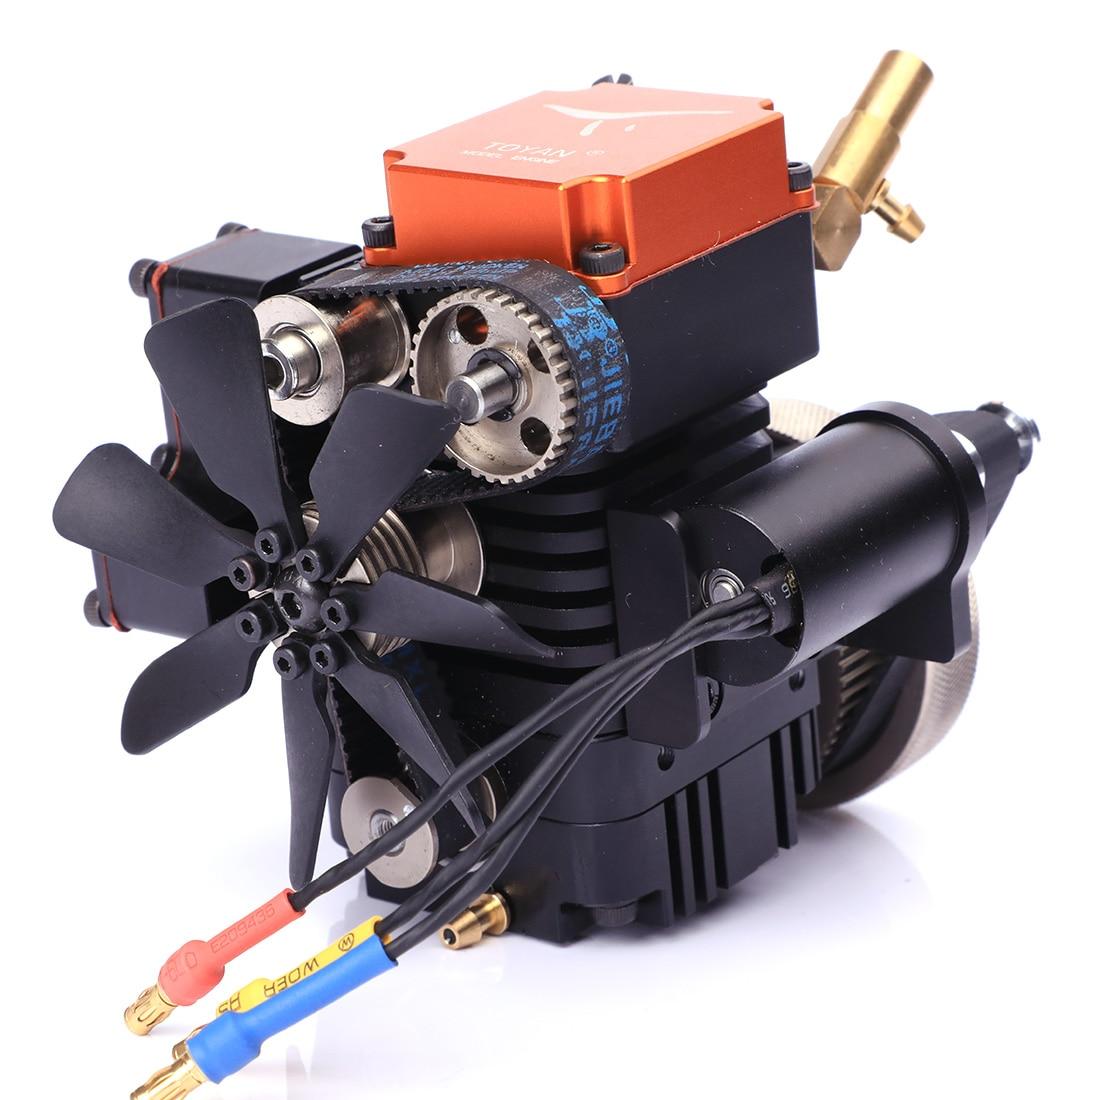 Motor de modelo de metanol de cuatro tiempos Toyan con Motor de arranque para 1:10 1:12 1:14 RC coche barco avión FS S100G-in Kits de construcción de maquetas from Juguetes y pasatiempos    2